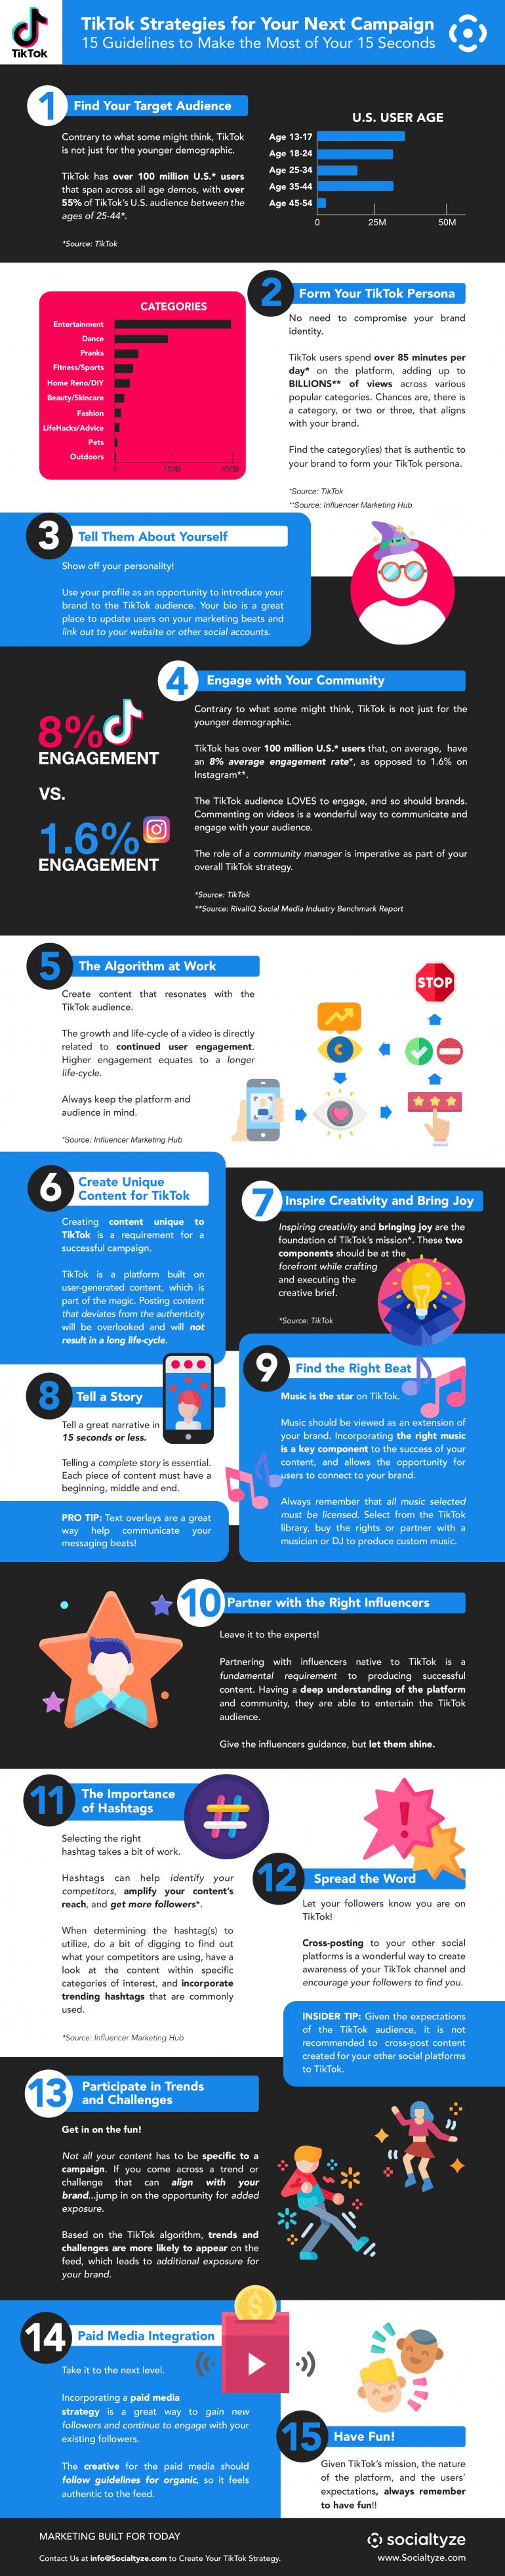 Infographic over hoe je een goede TikTok-campagne opzet.